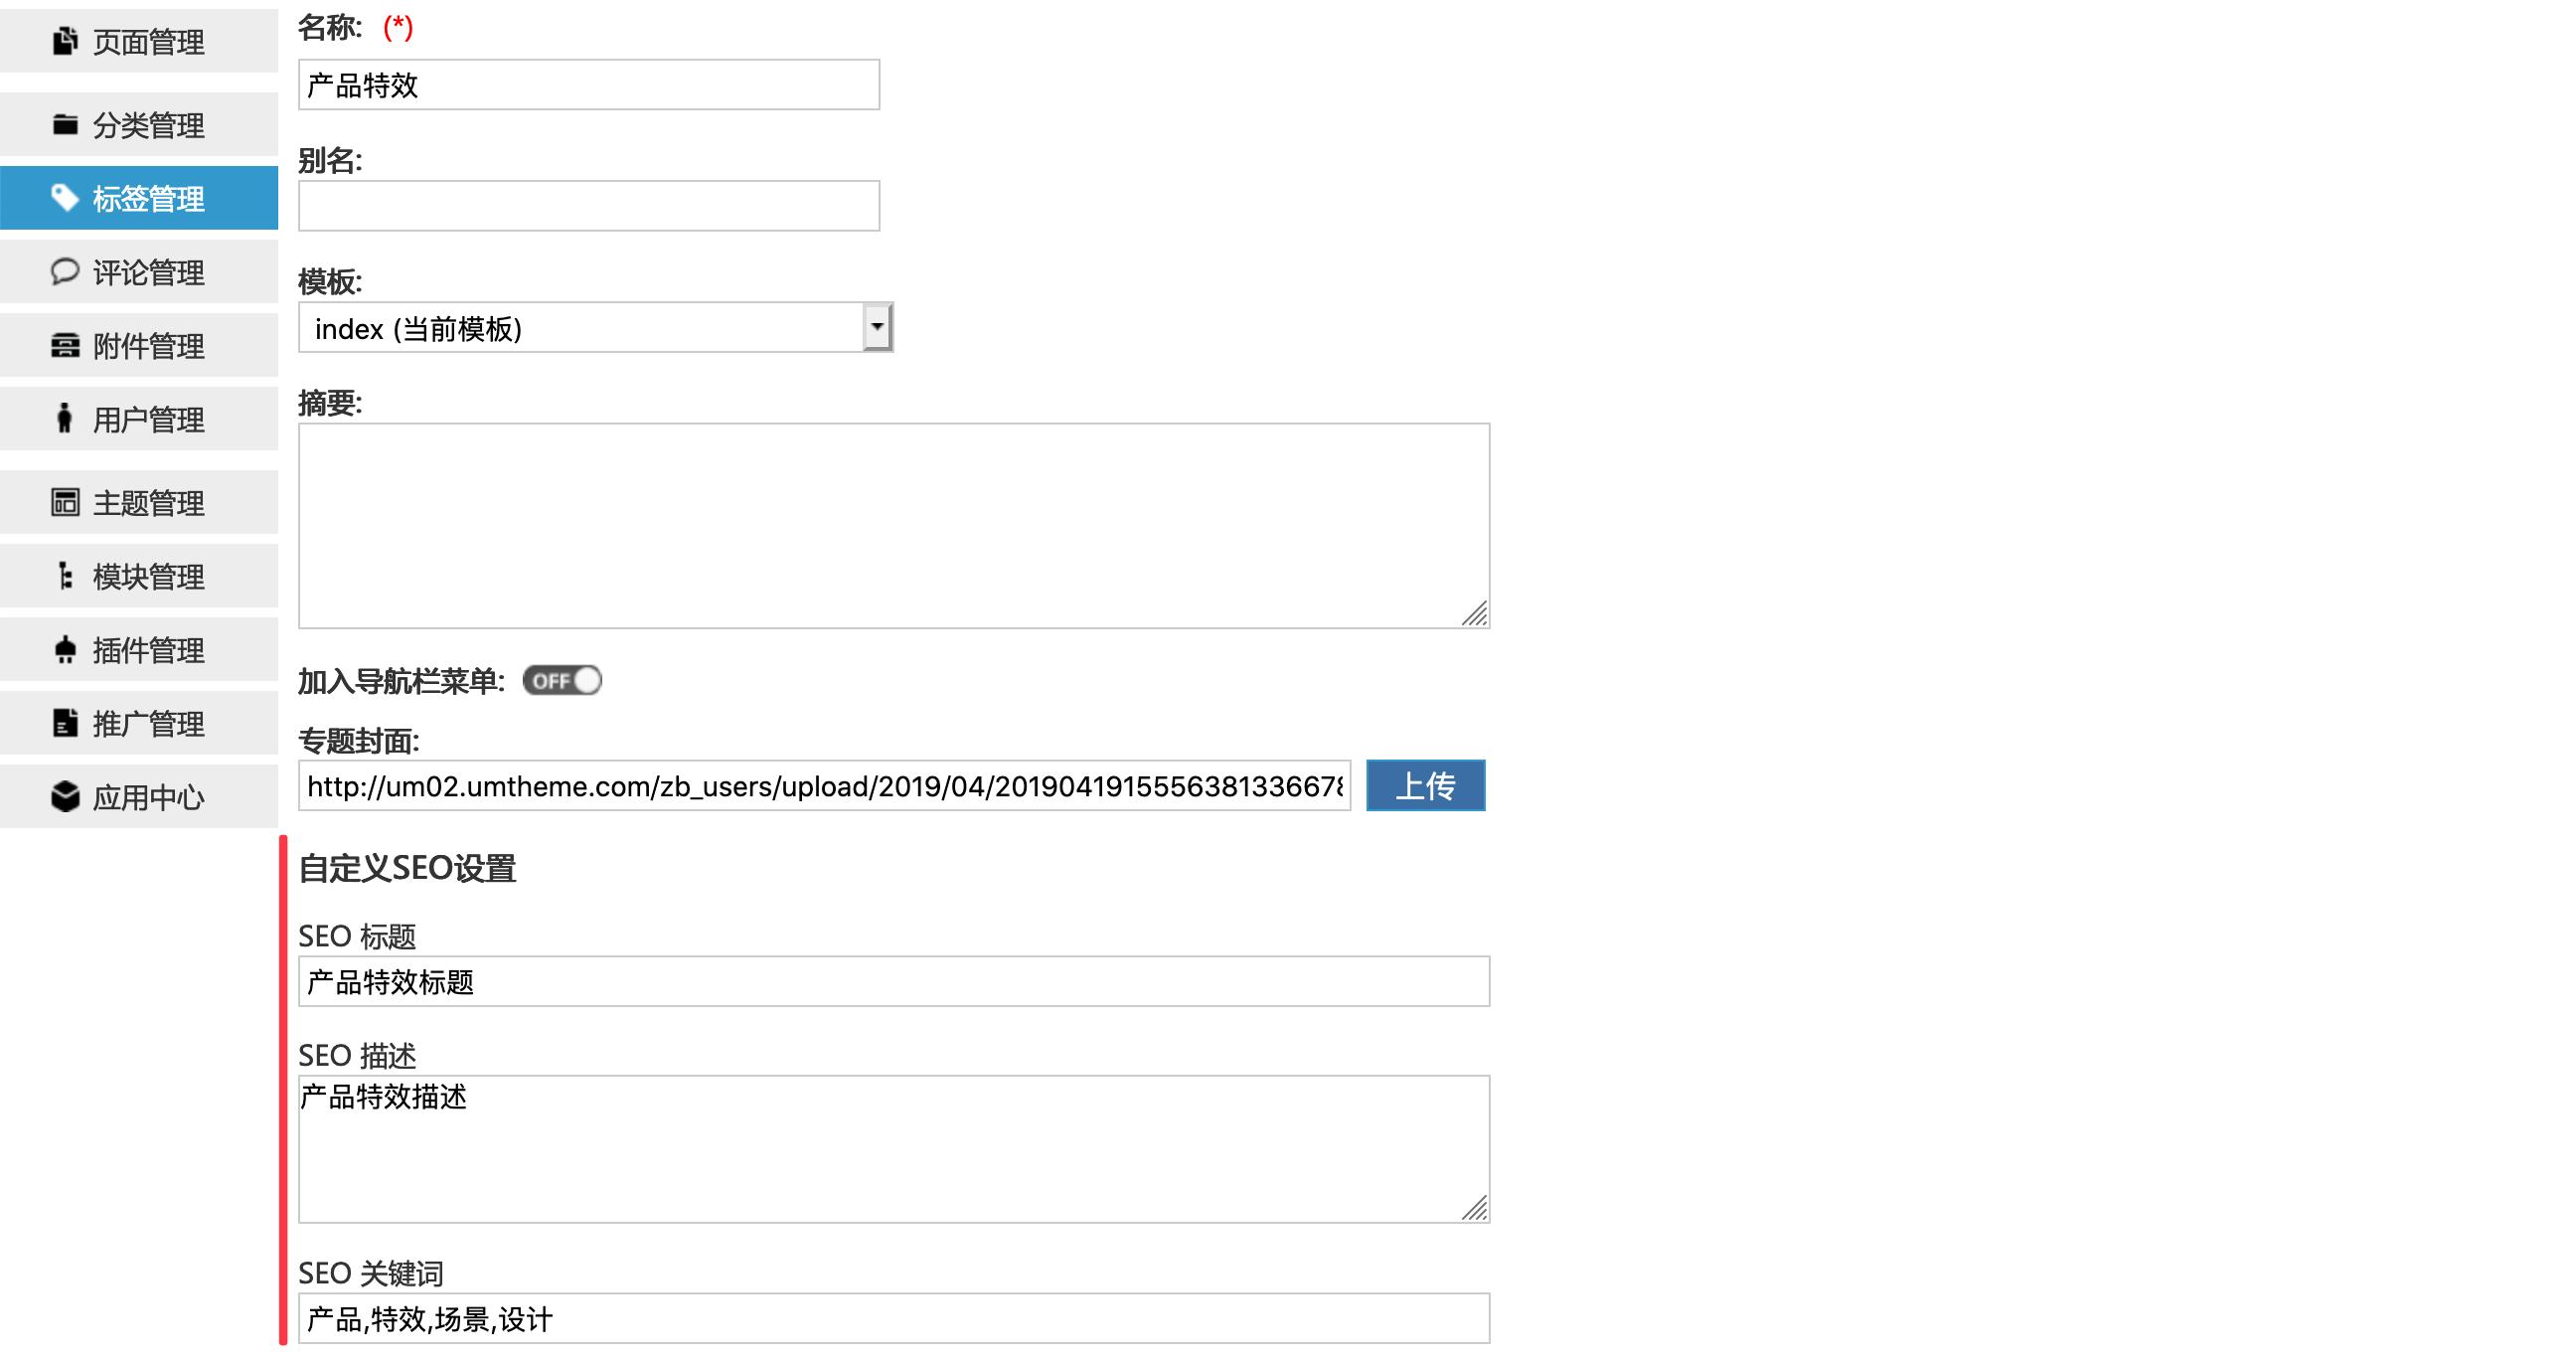 优美畅享版企业站响应式主题 企业站主题 自适应 zblog 模板 主题 zblog主题  图3